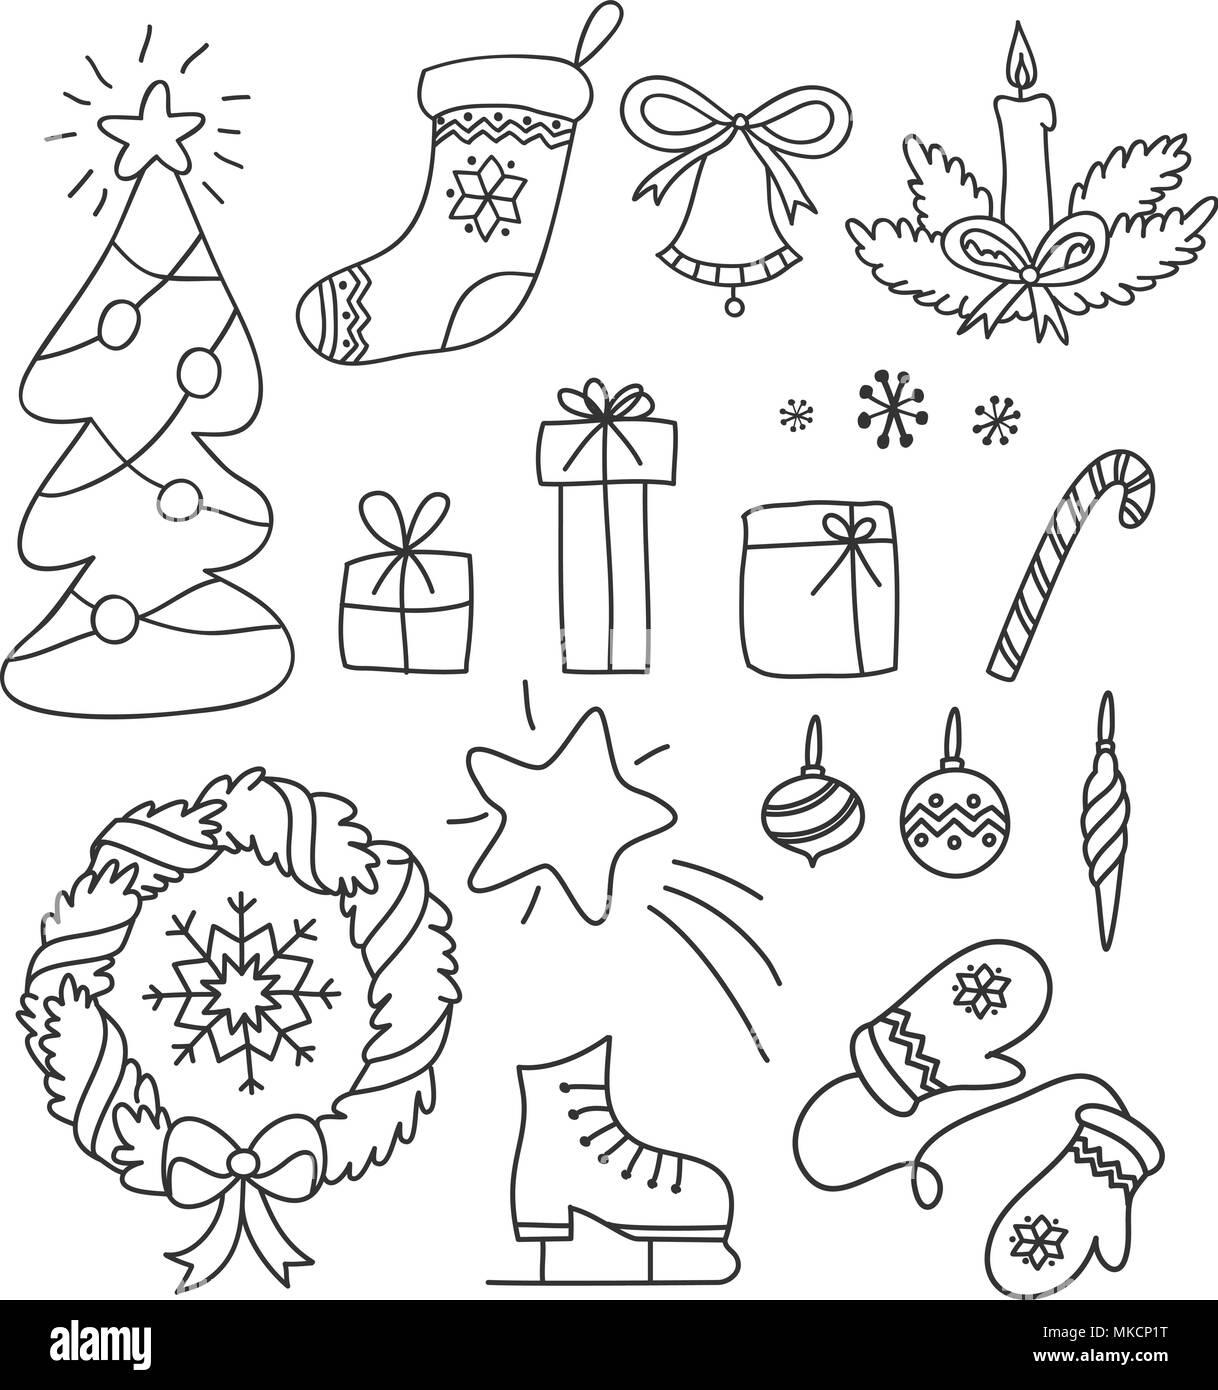 Weihnachten Satz Von Hand Gezeichnet Doodles In Einem